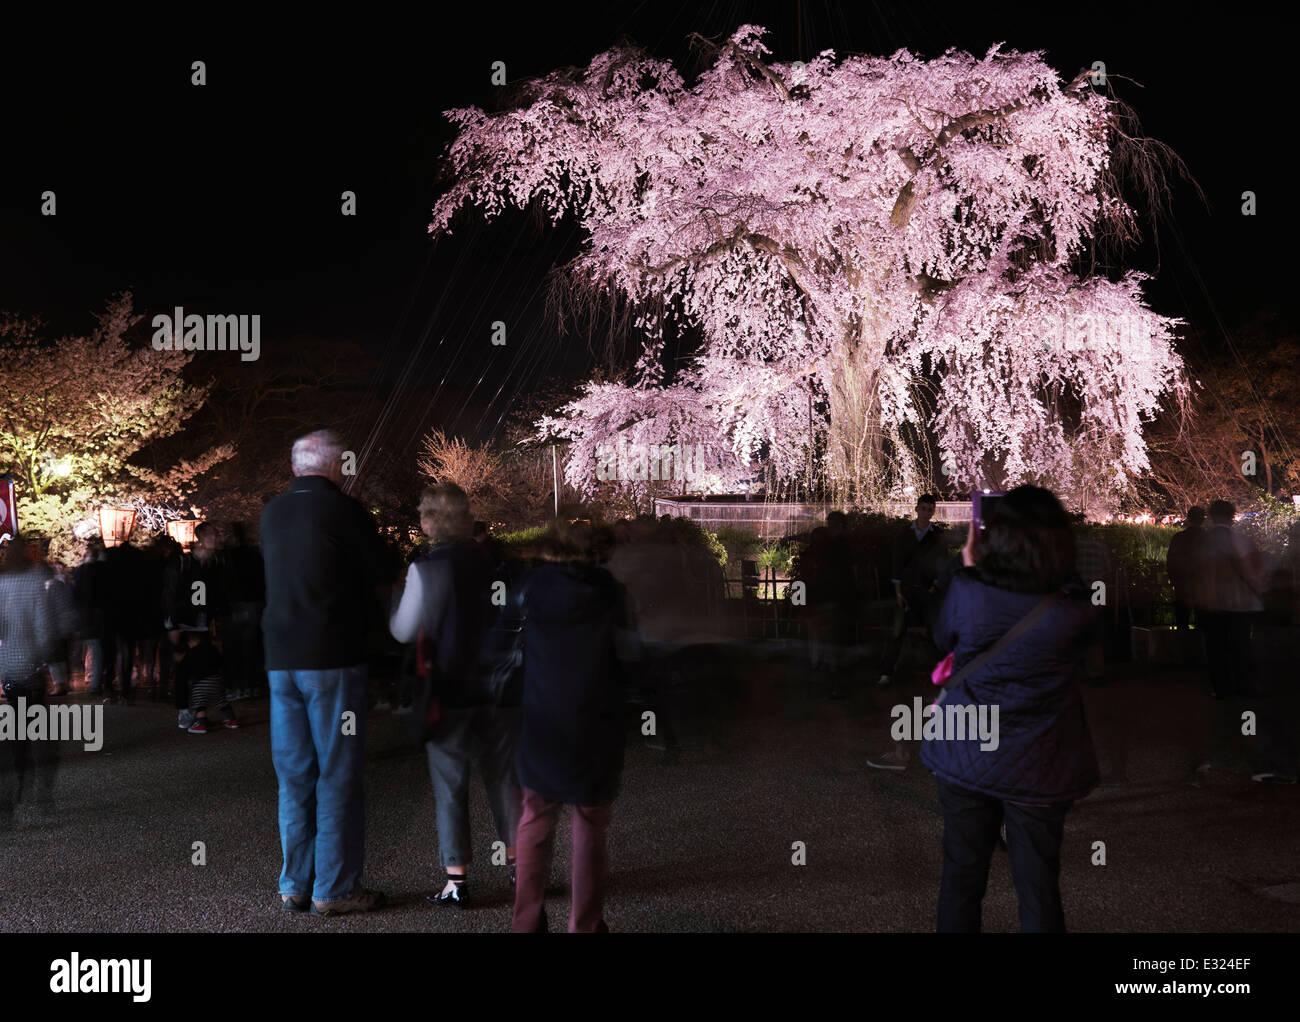 Cerezo Llorón, shidarezakura, iluminado en la noche en Maruyama park, Gion, Kioto, Japón 2014 Imagen De Stock